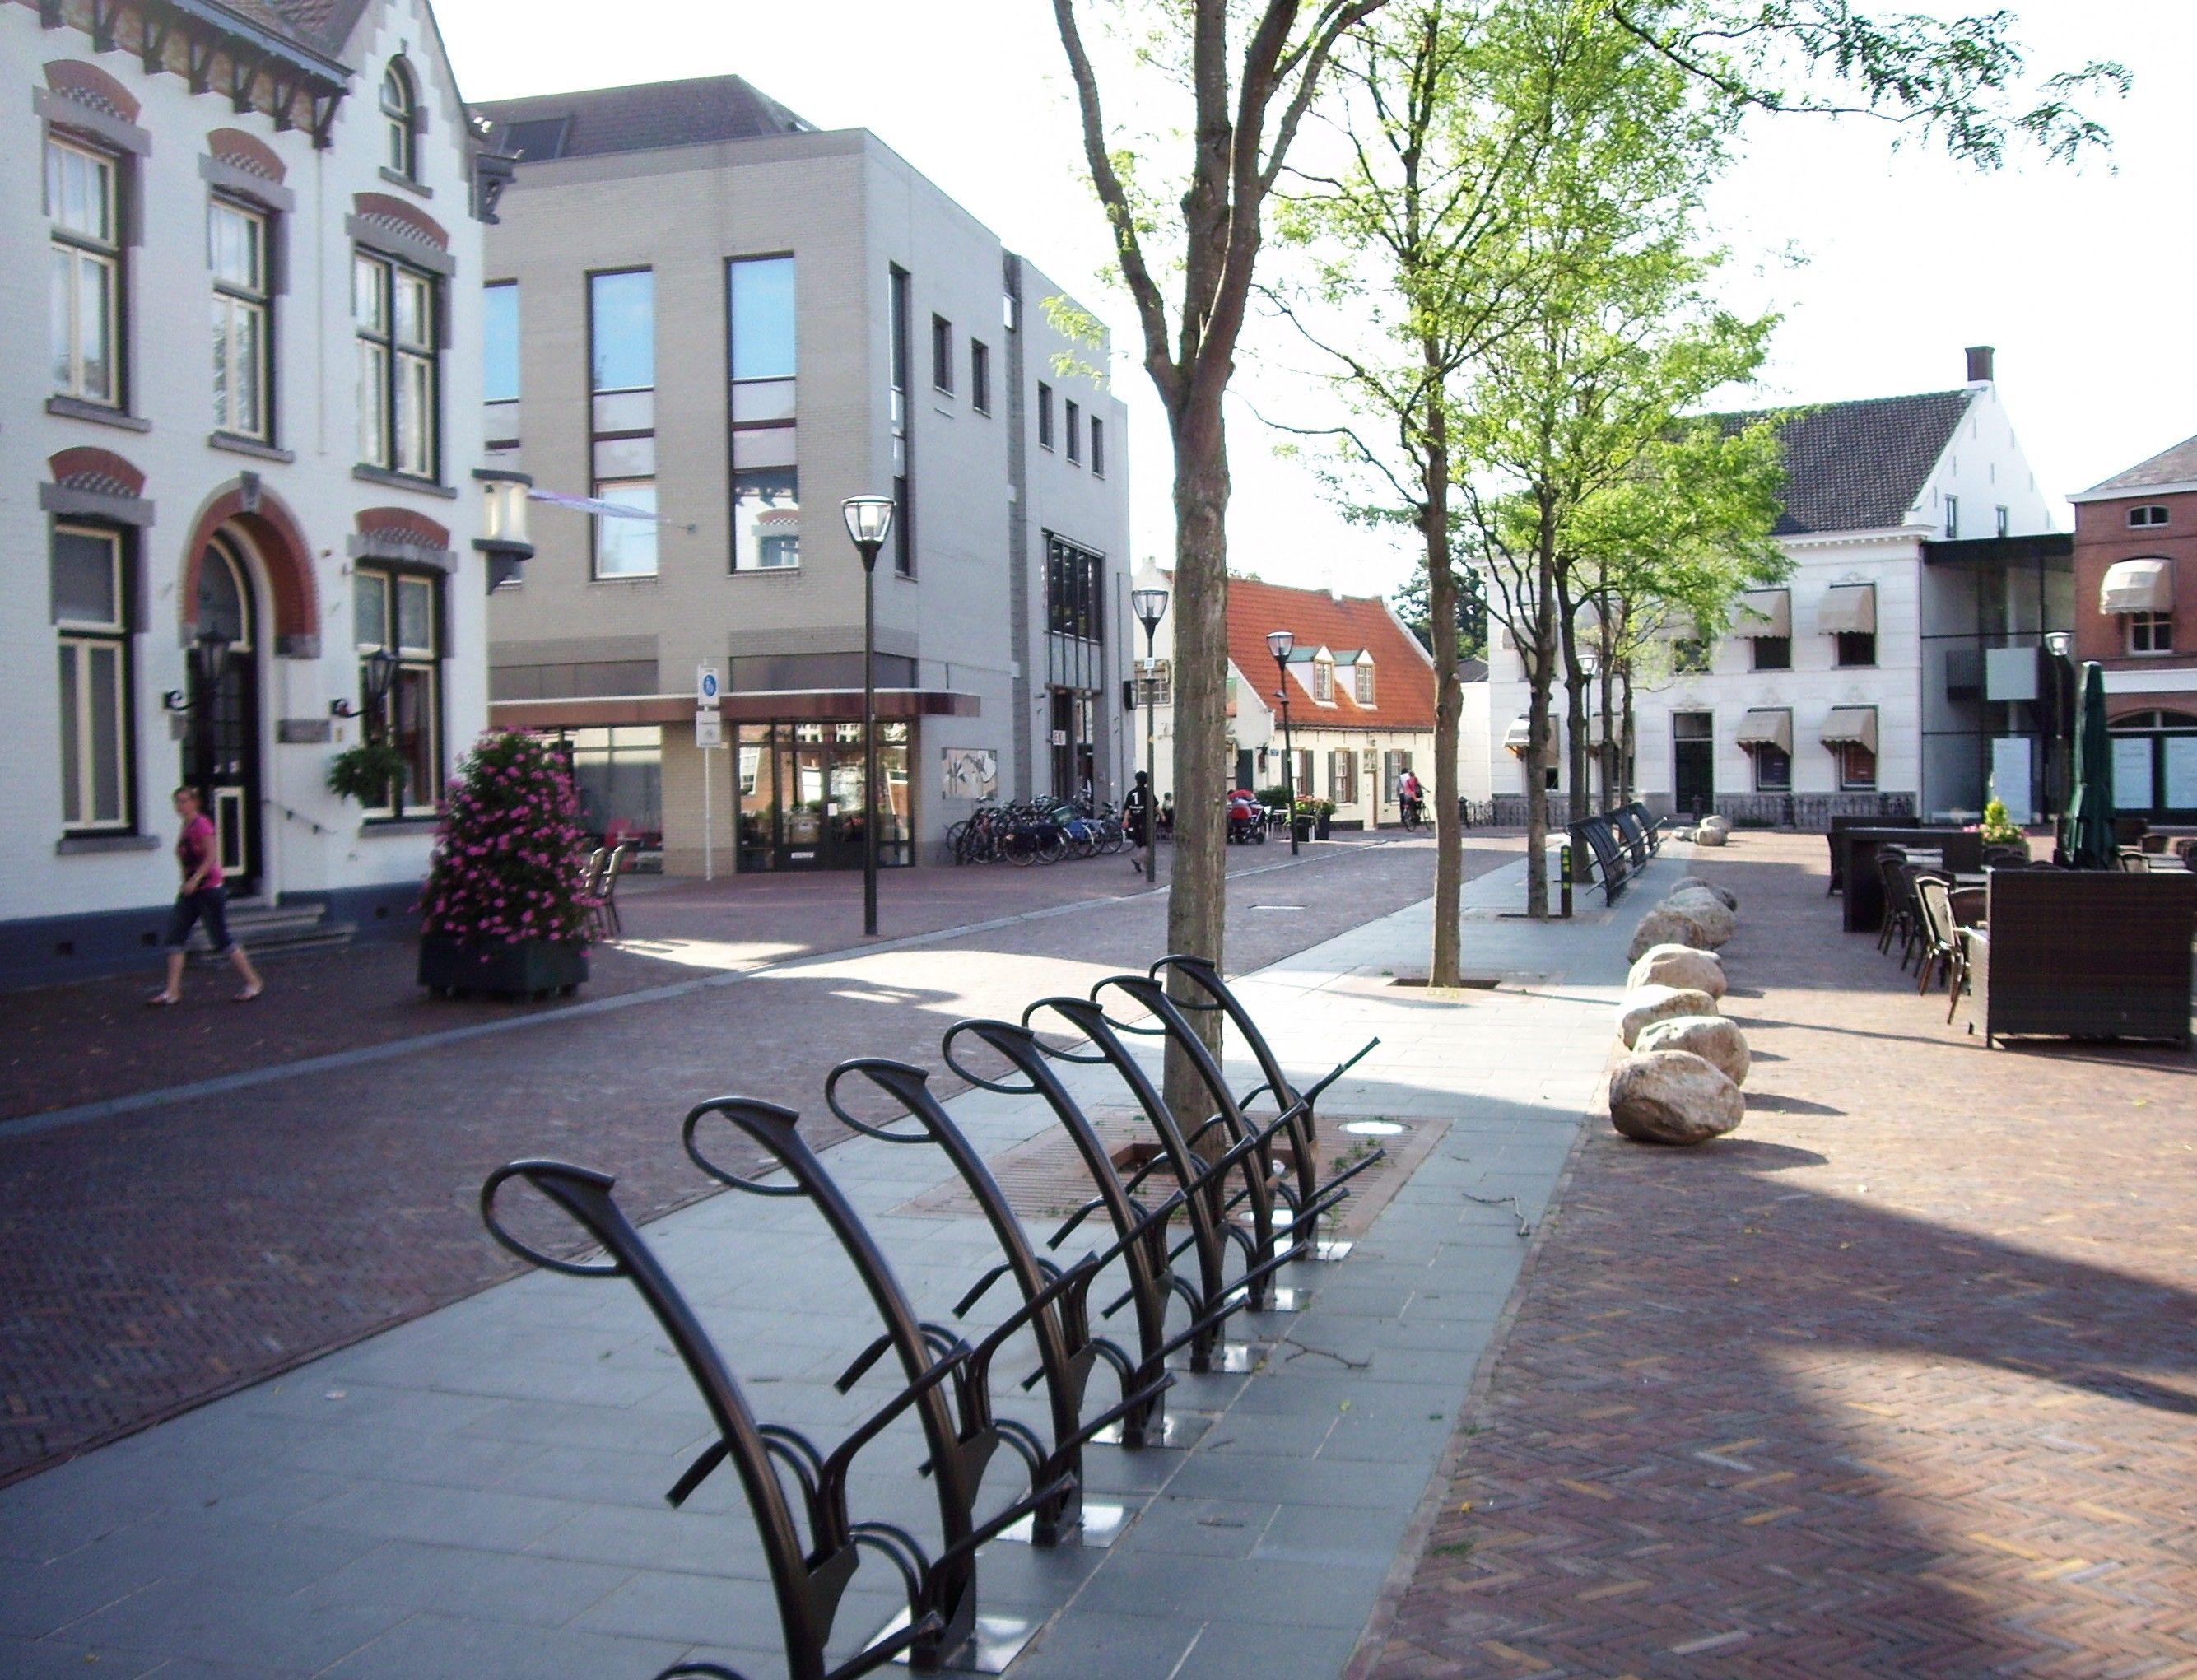 Geldrop Heuvel Square